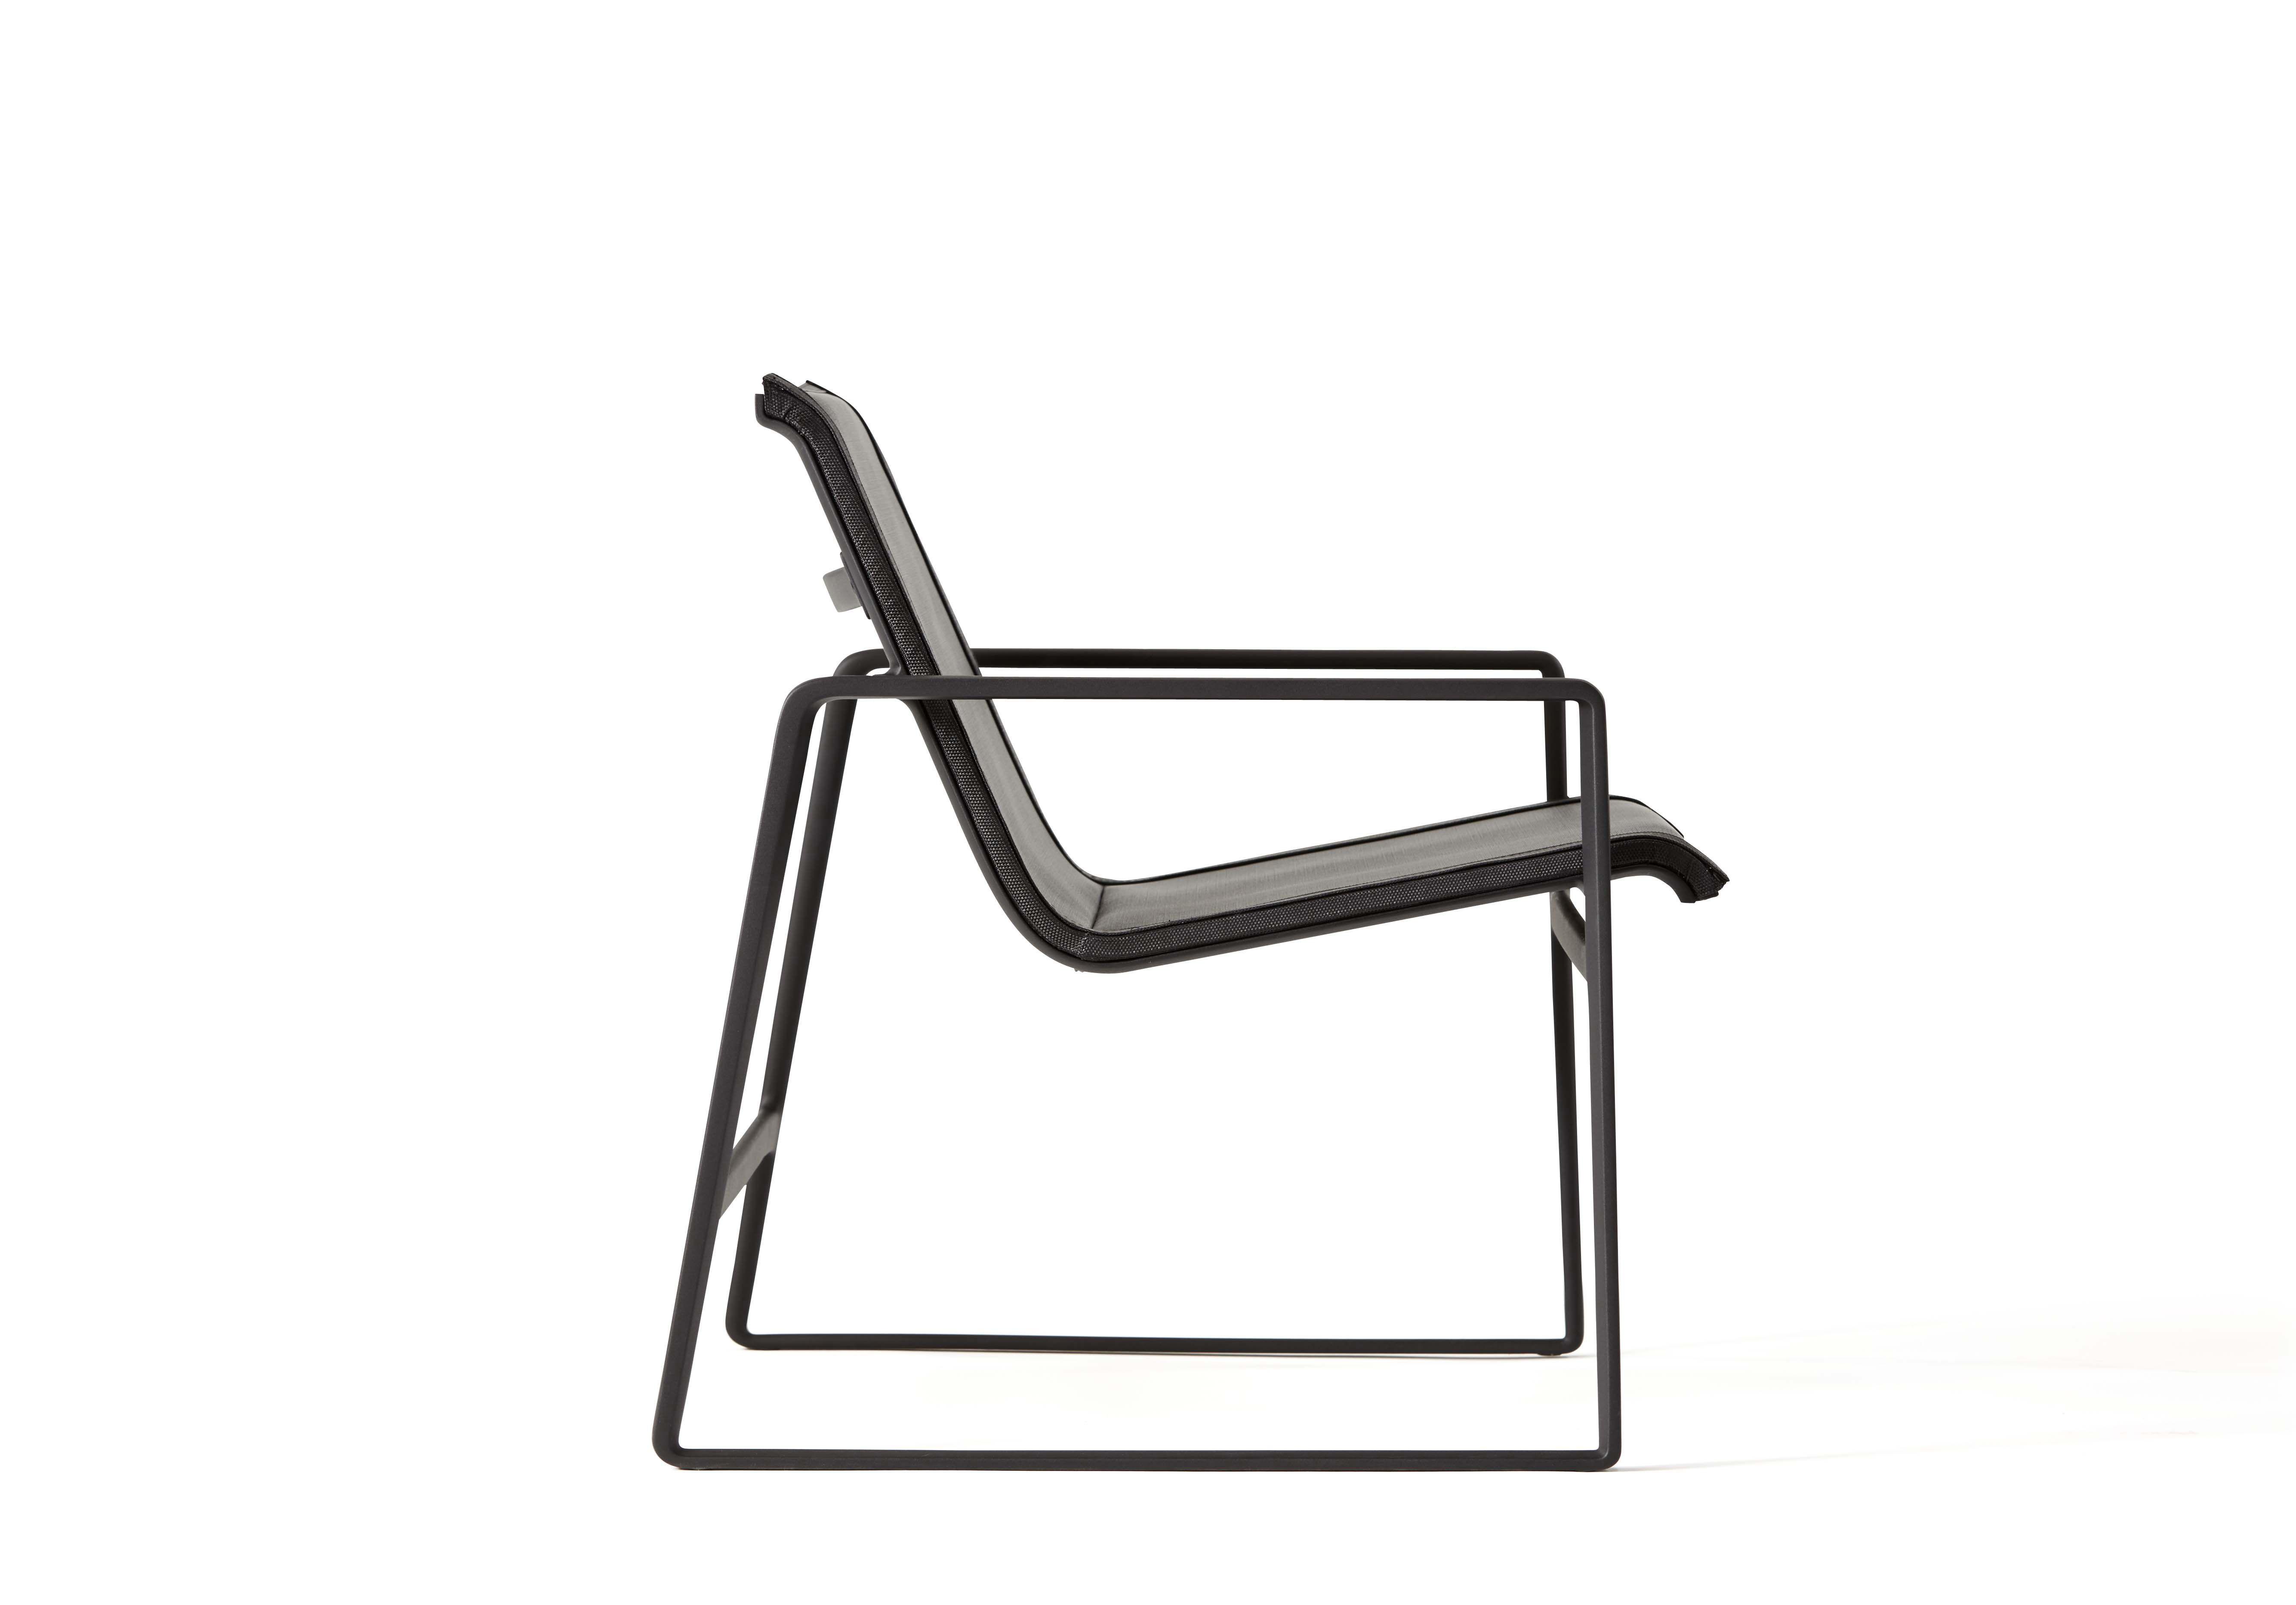 Cochran Chair Landscapeforms Sitefurniture